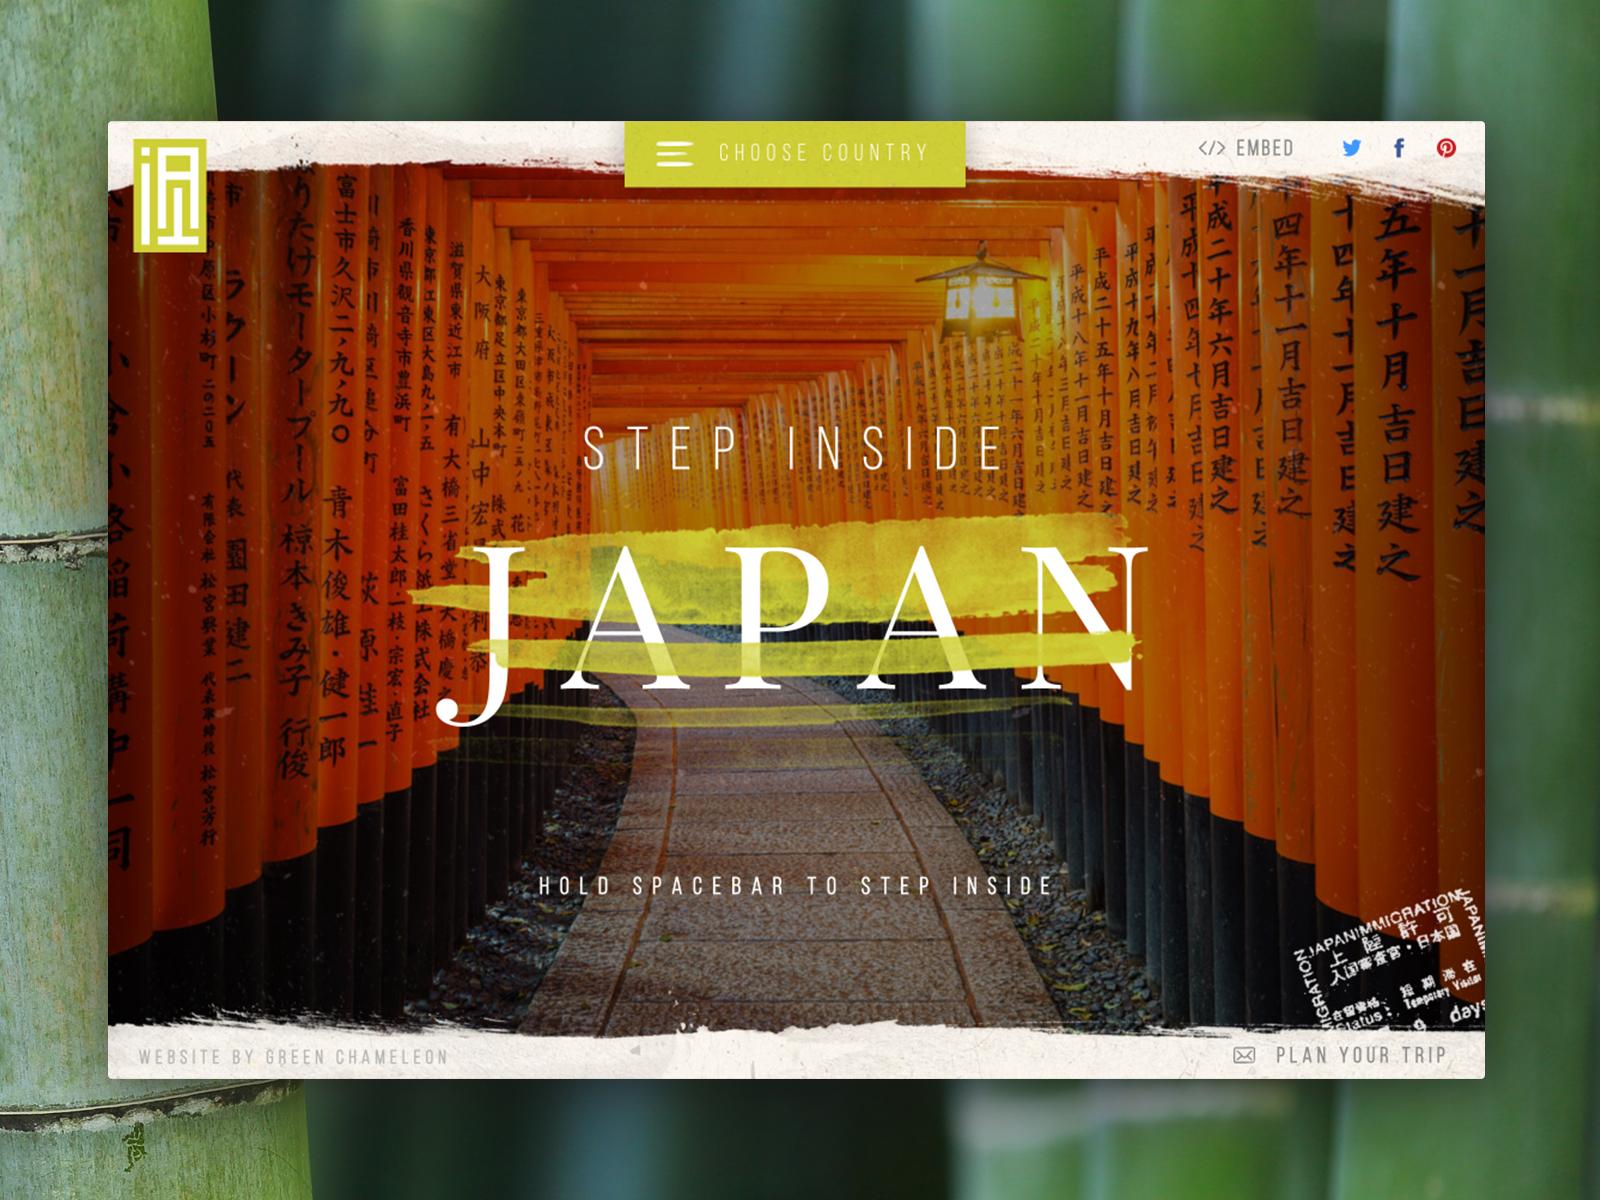 Japanfullsize